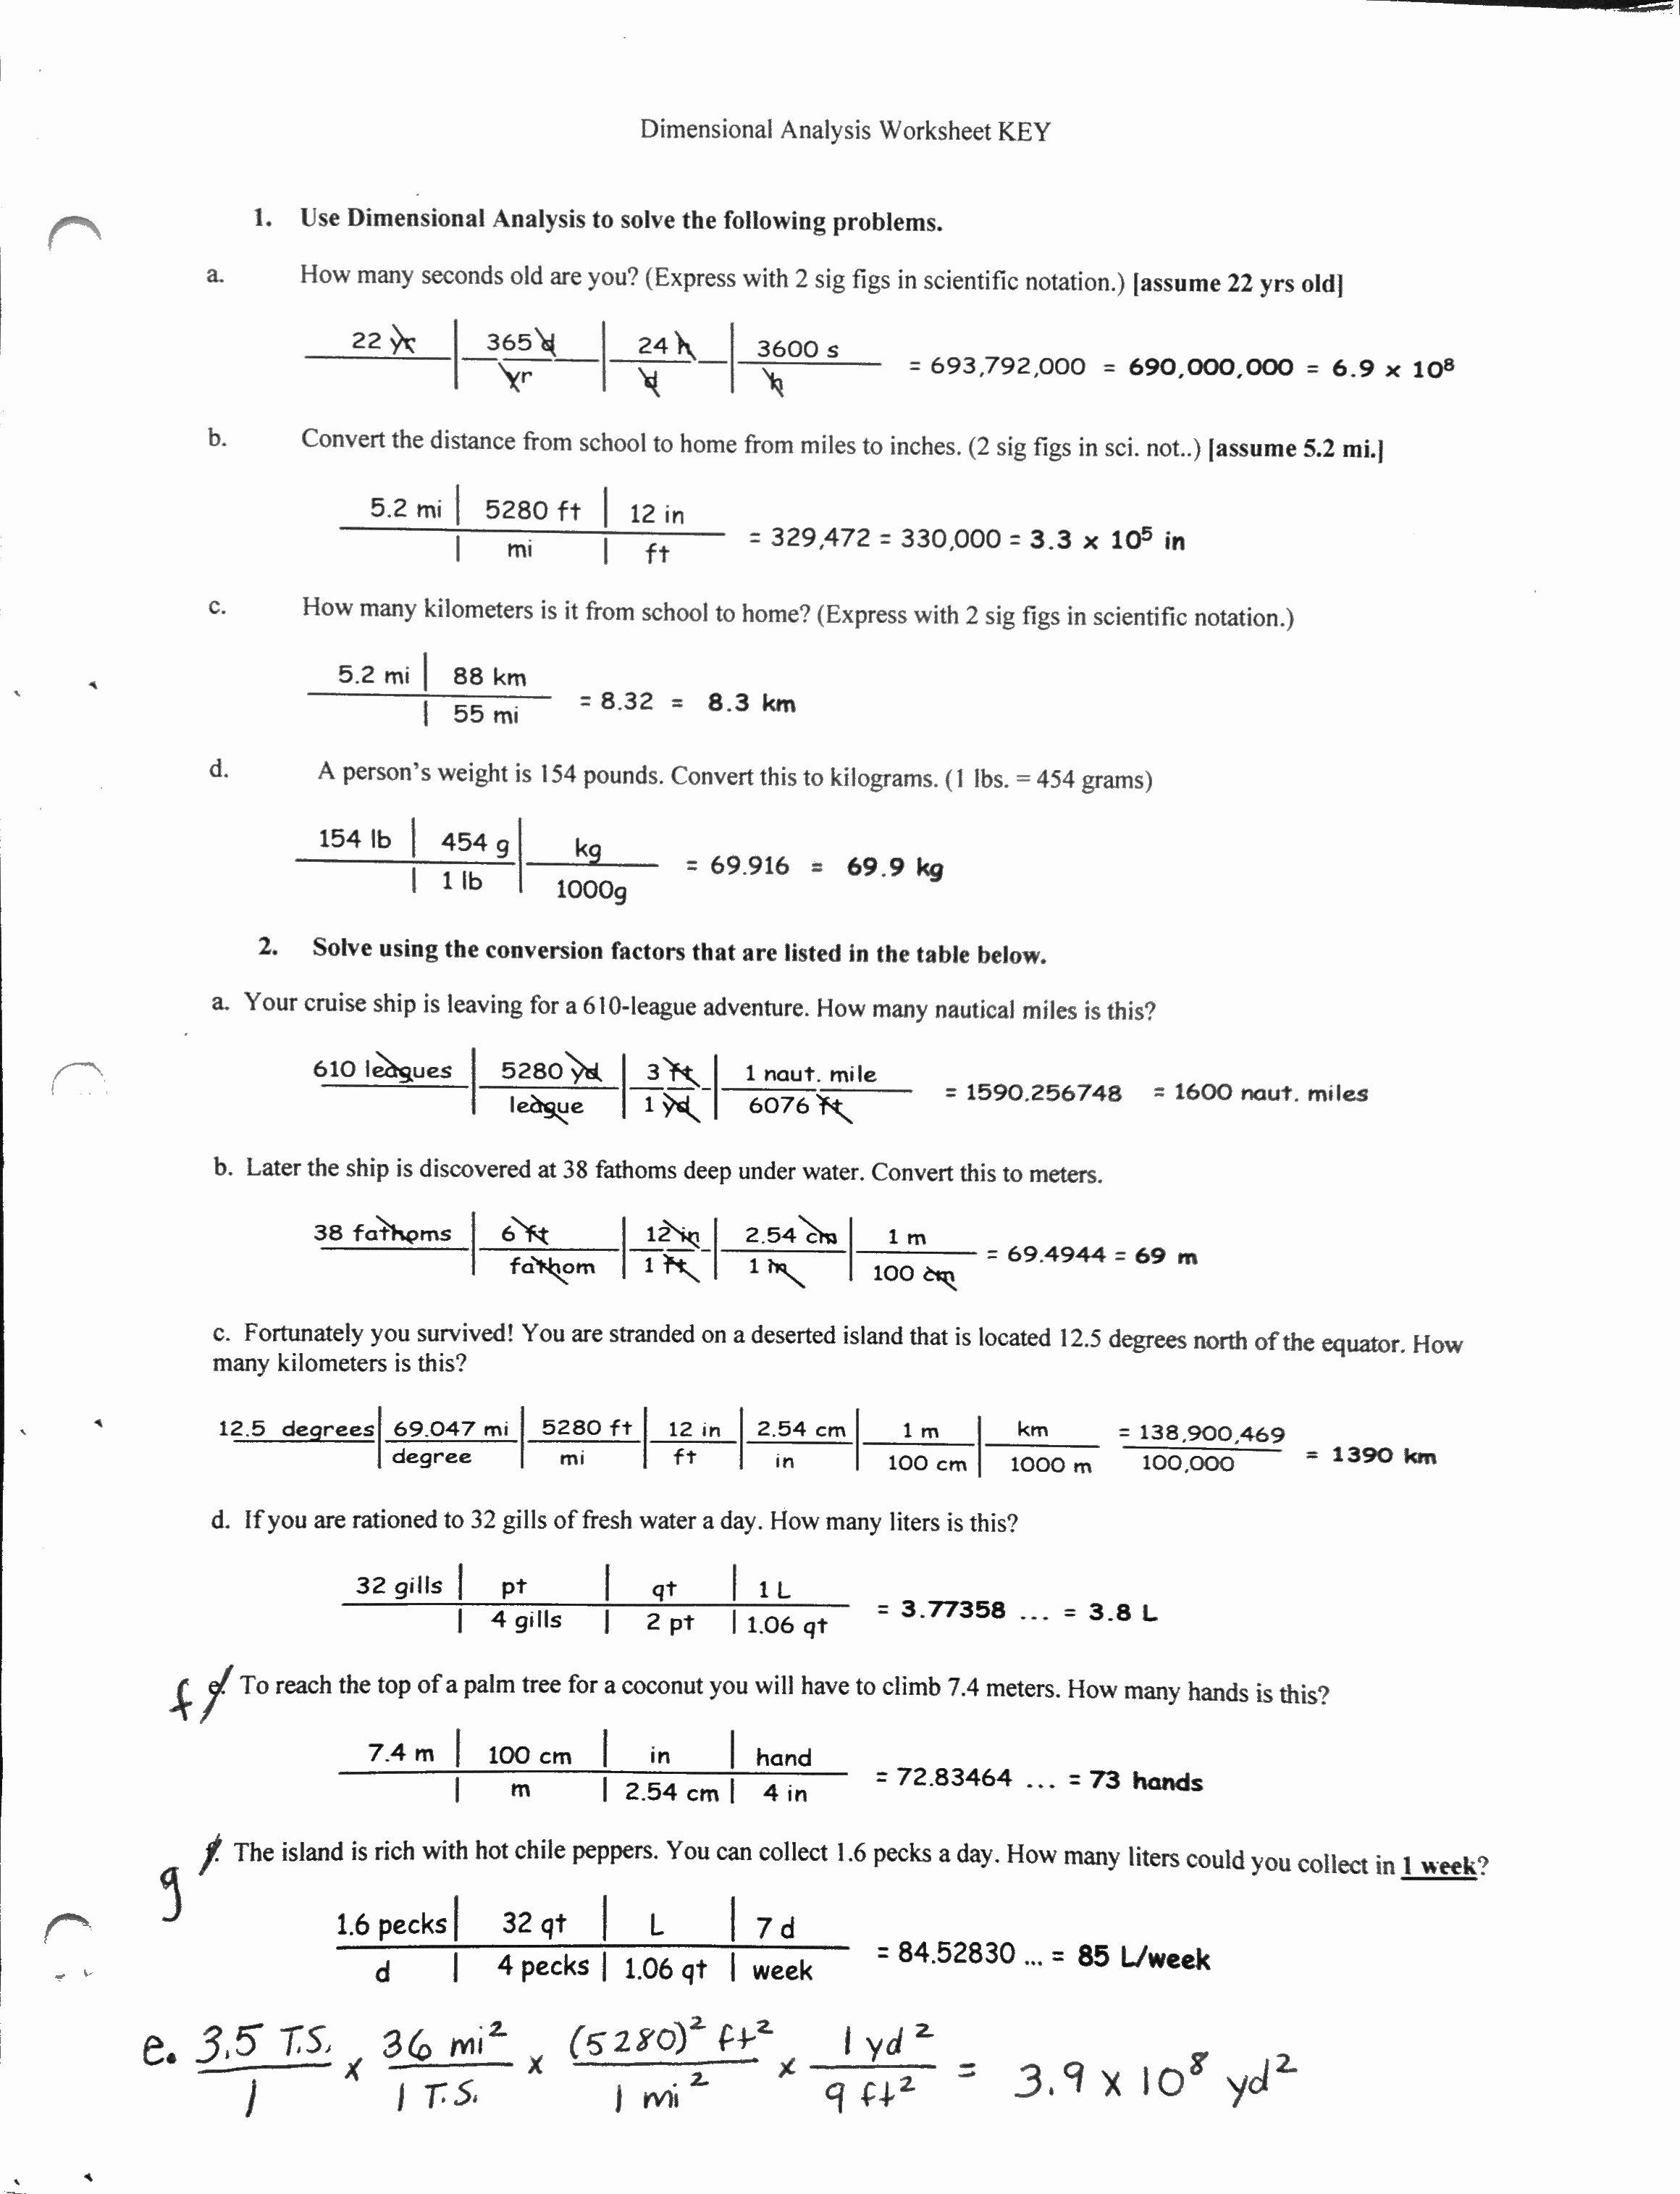 Dimensional Analysis Practice Worksheet Awesome Dimensional Analysis Worksheet with Answer Key the Best